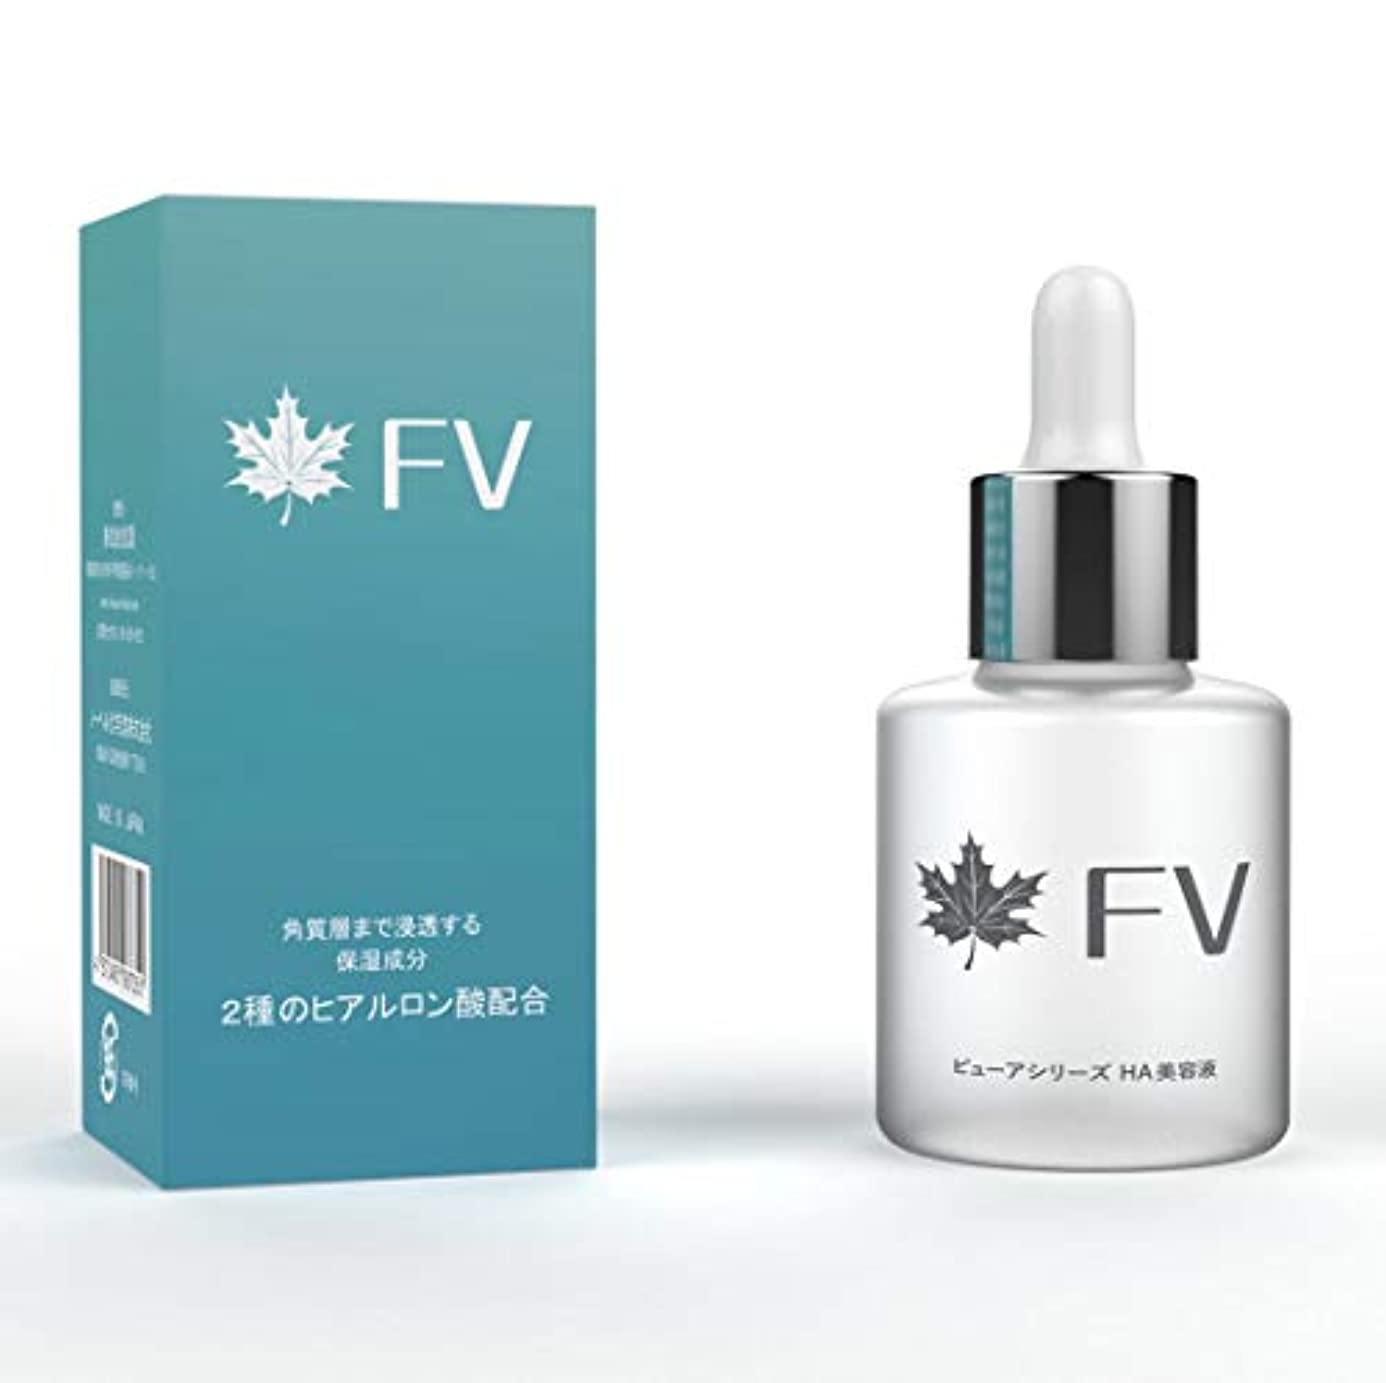 臭い誇り迅速FV ヒアルロン酸原液(美容液)30ml 高分子超保湿キャッチ型と低分子修復リペア型 2種のヒアルロン酸  日本製